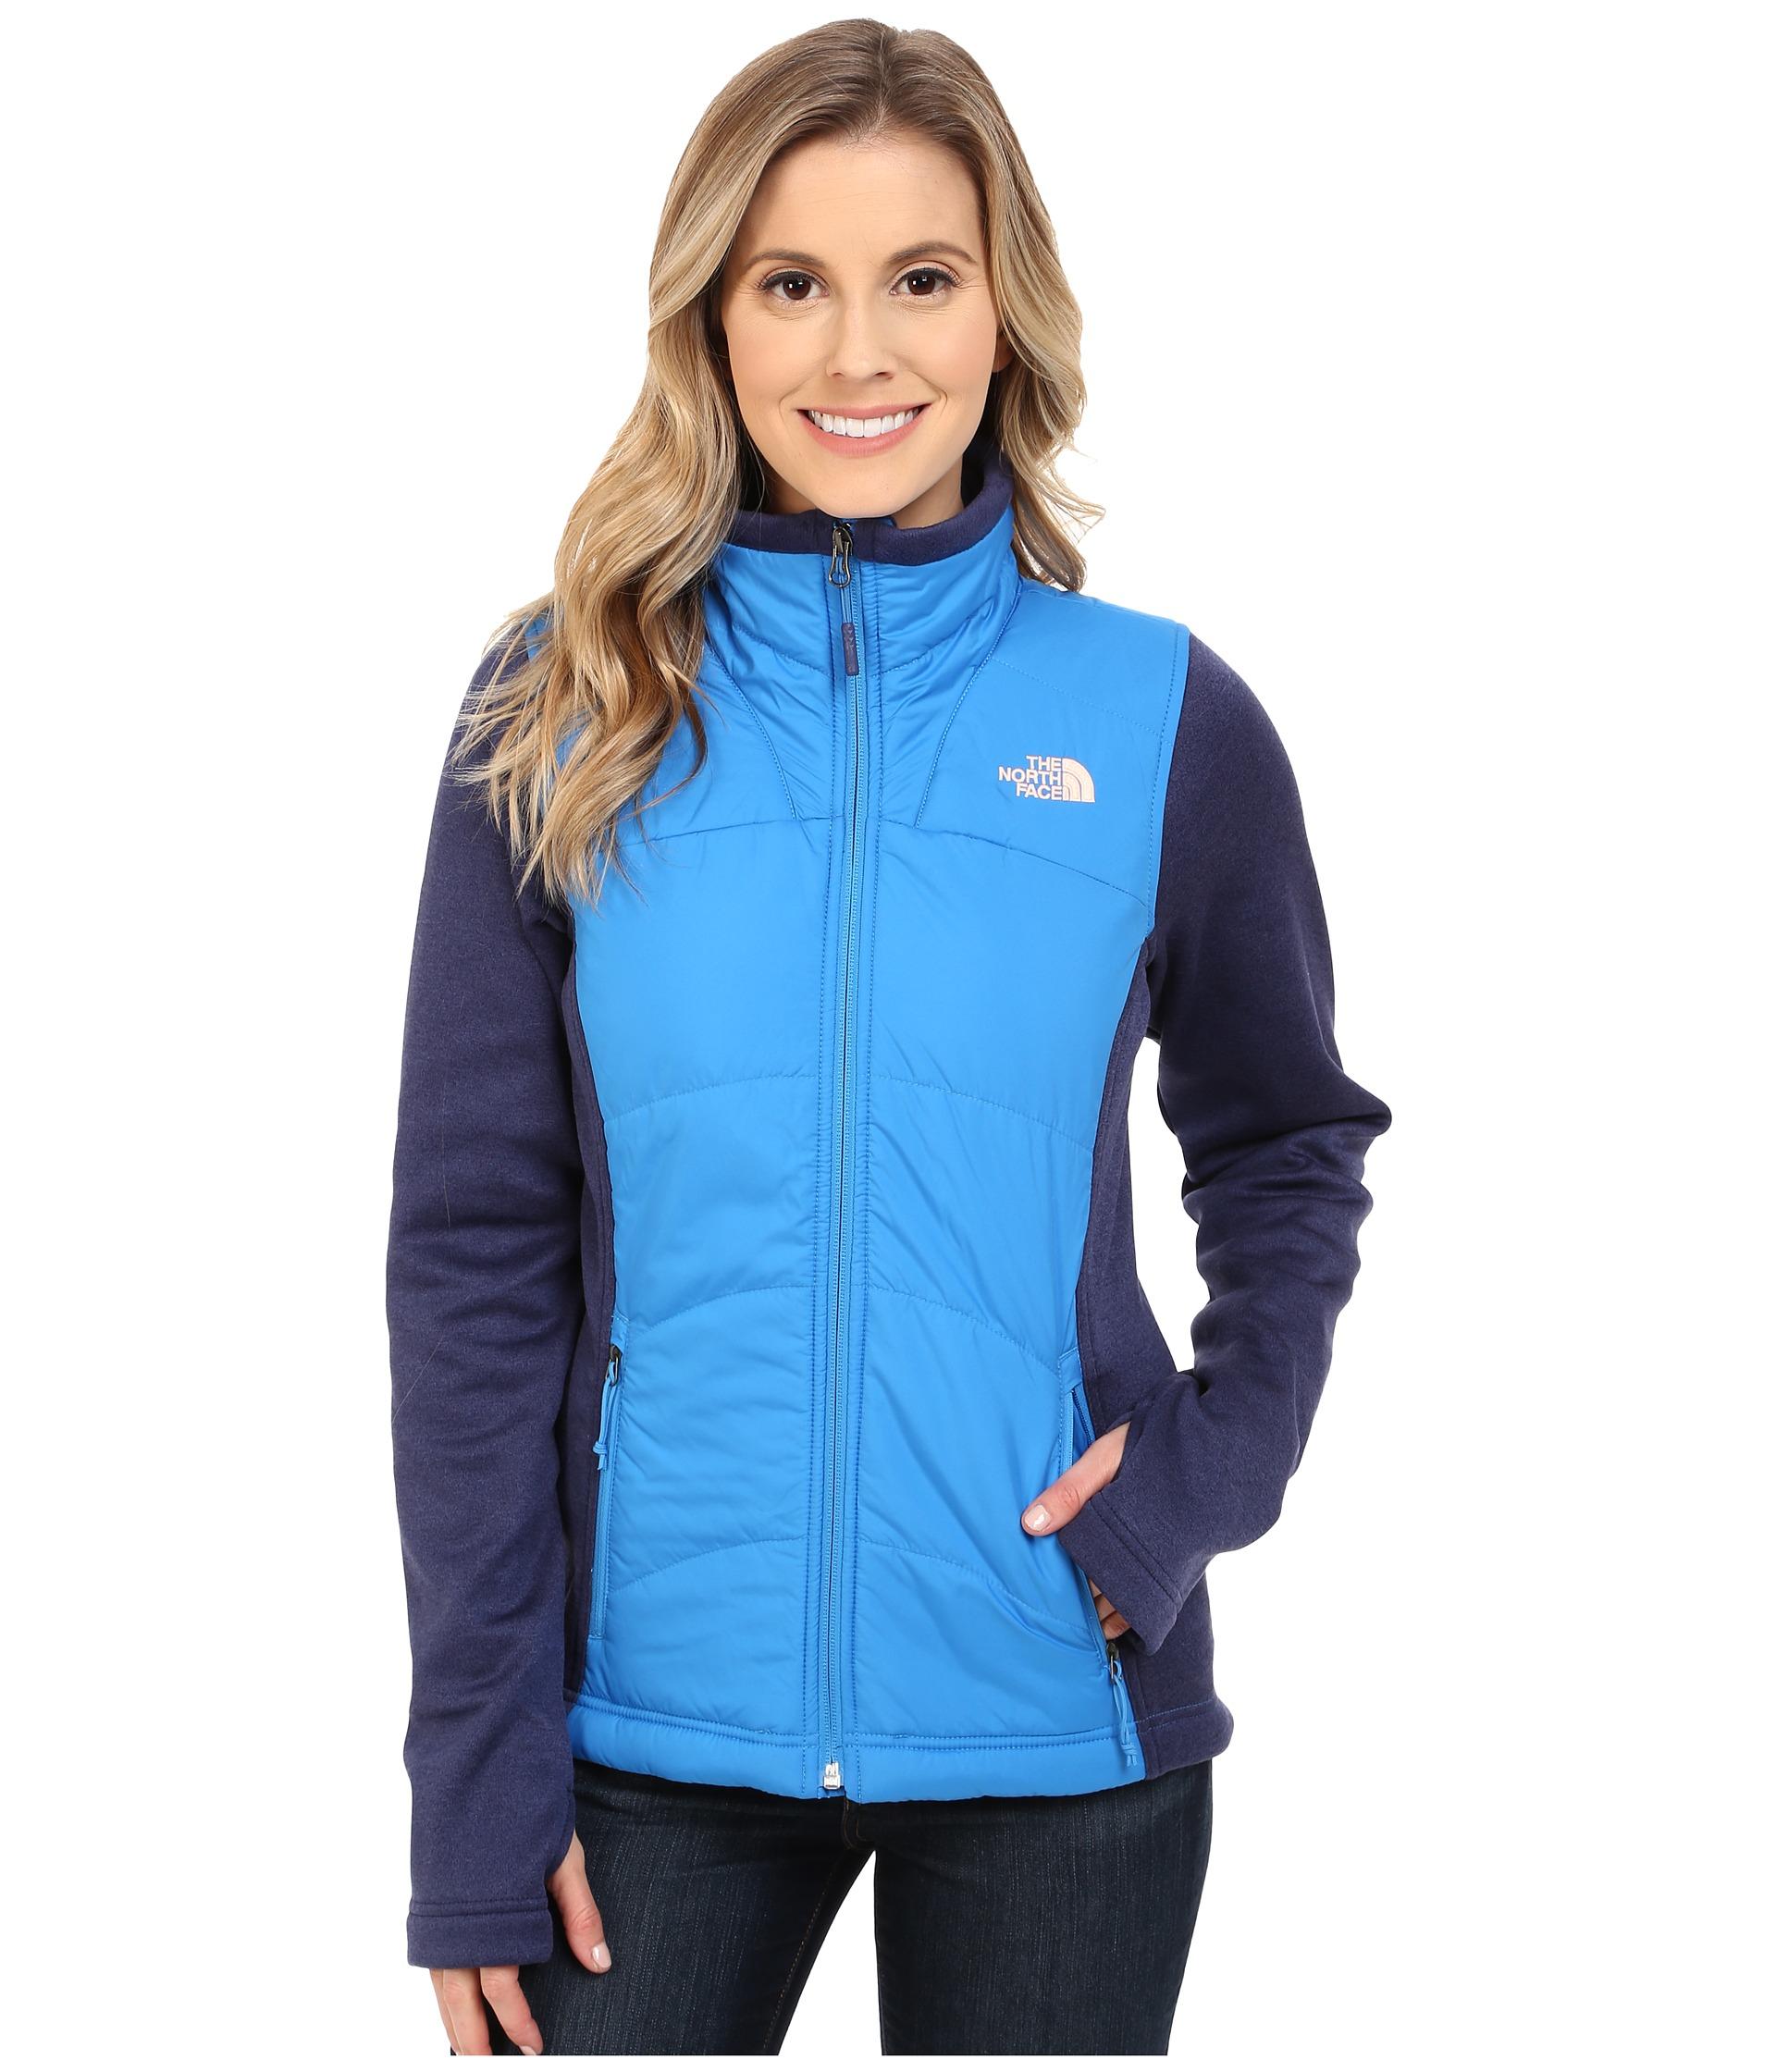 6d9204983 Women's Blue Agave Mash-up Jacket